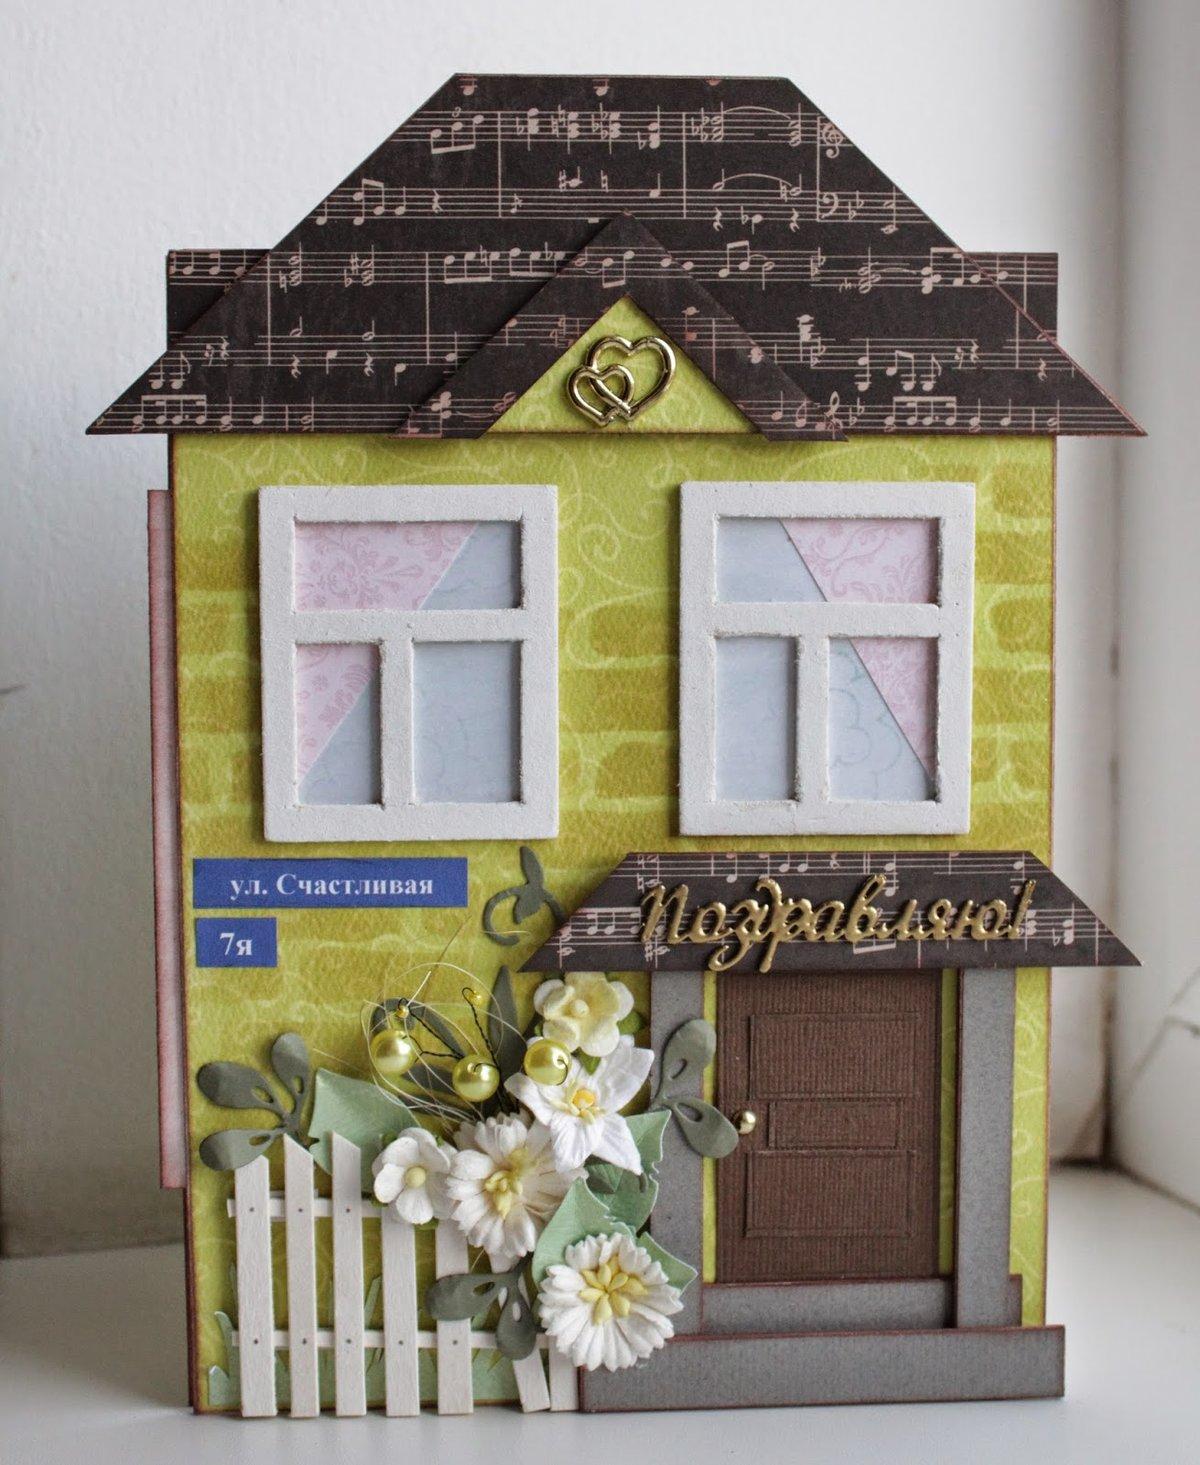 Открытка с домом для свадьбы, картинки днем рождения